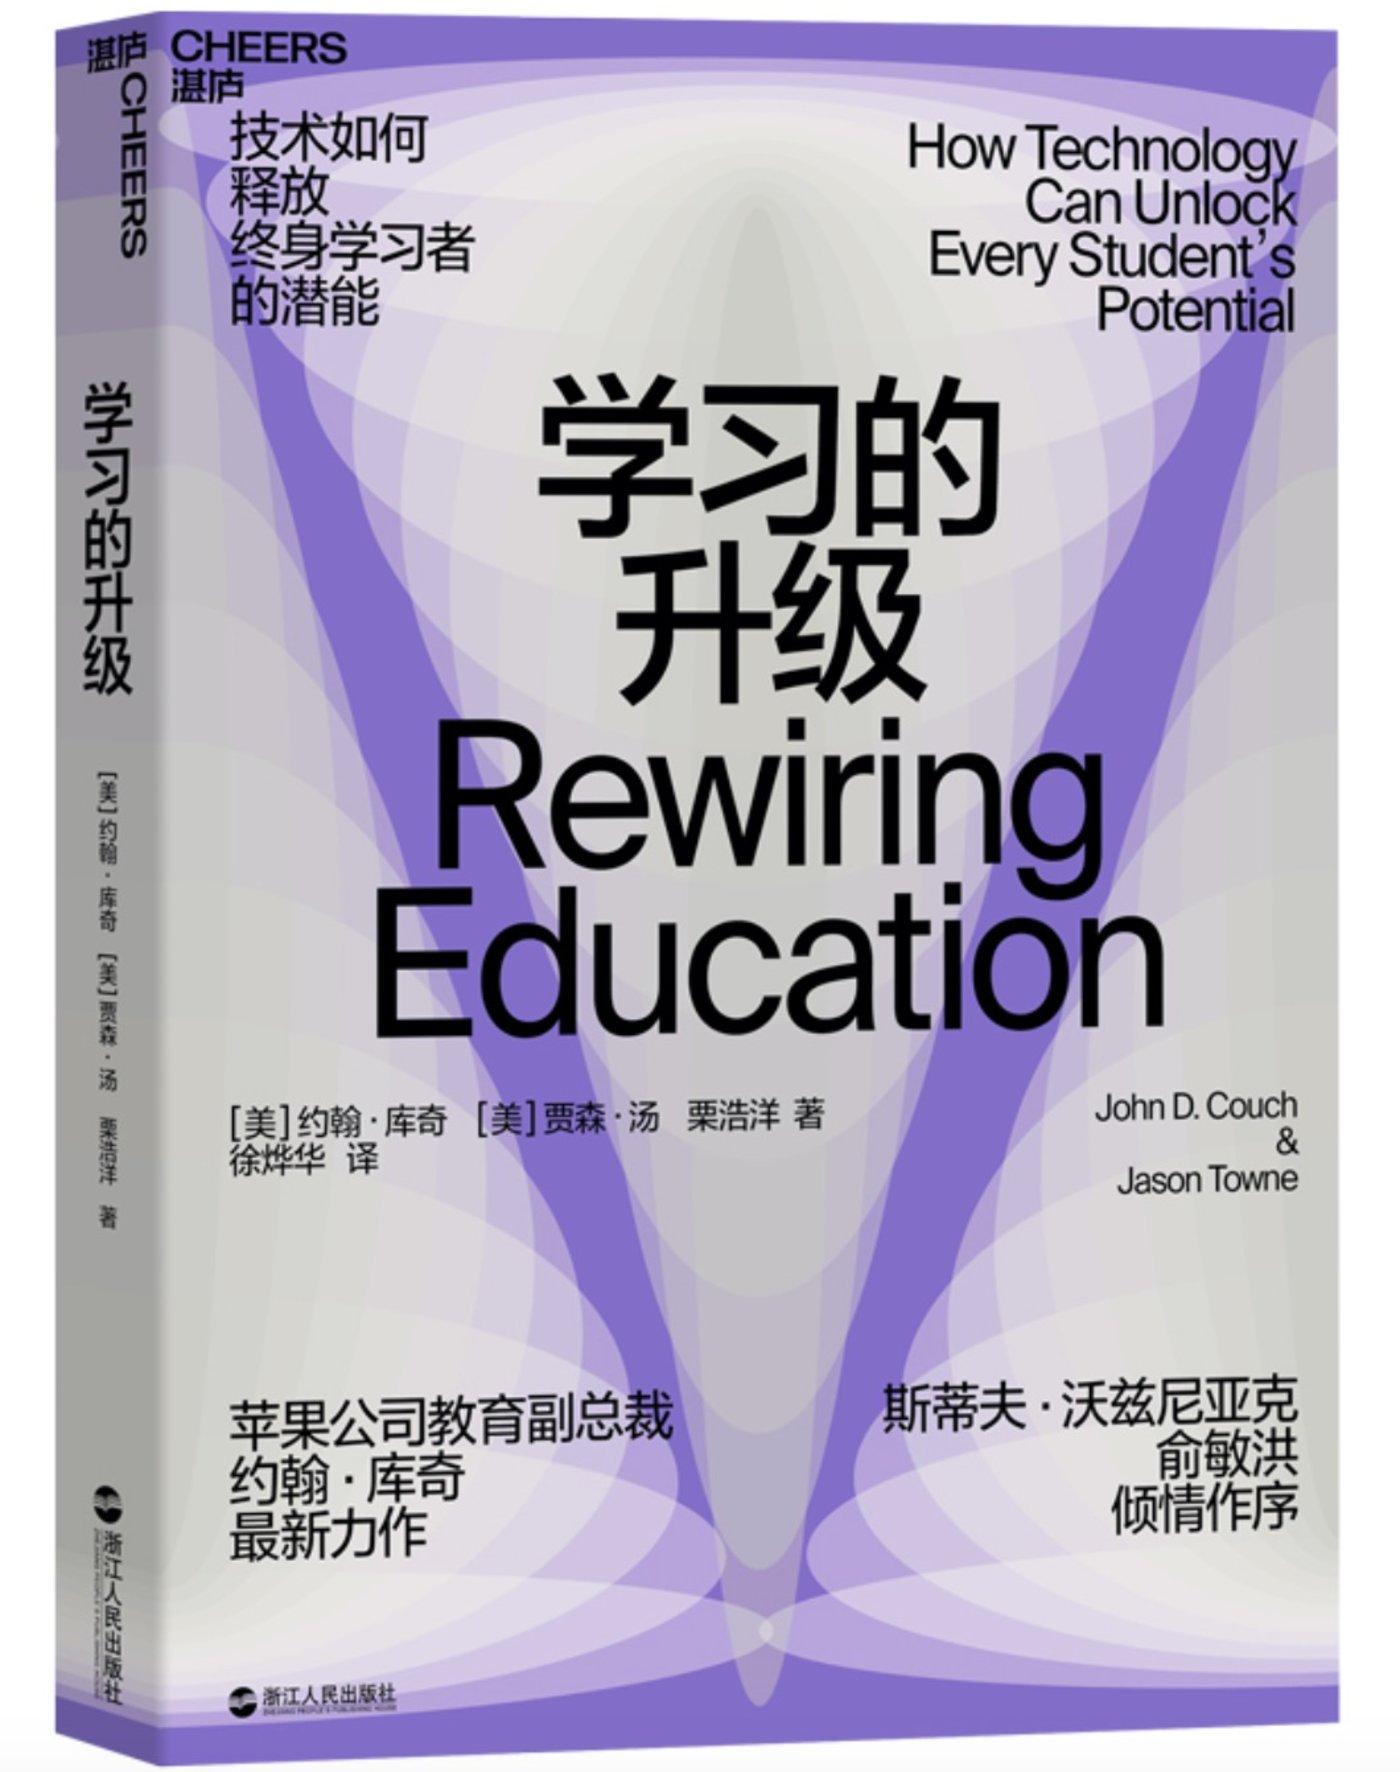 【书评】《学习的升级》:苹果公司第54号员工与乔布斯的教育梦